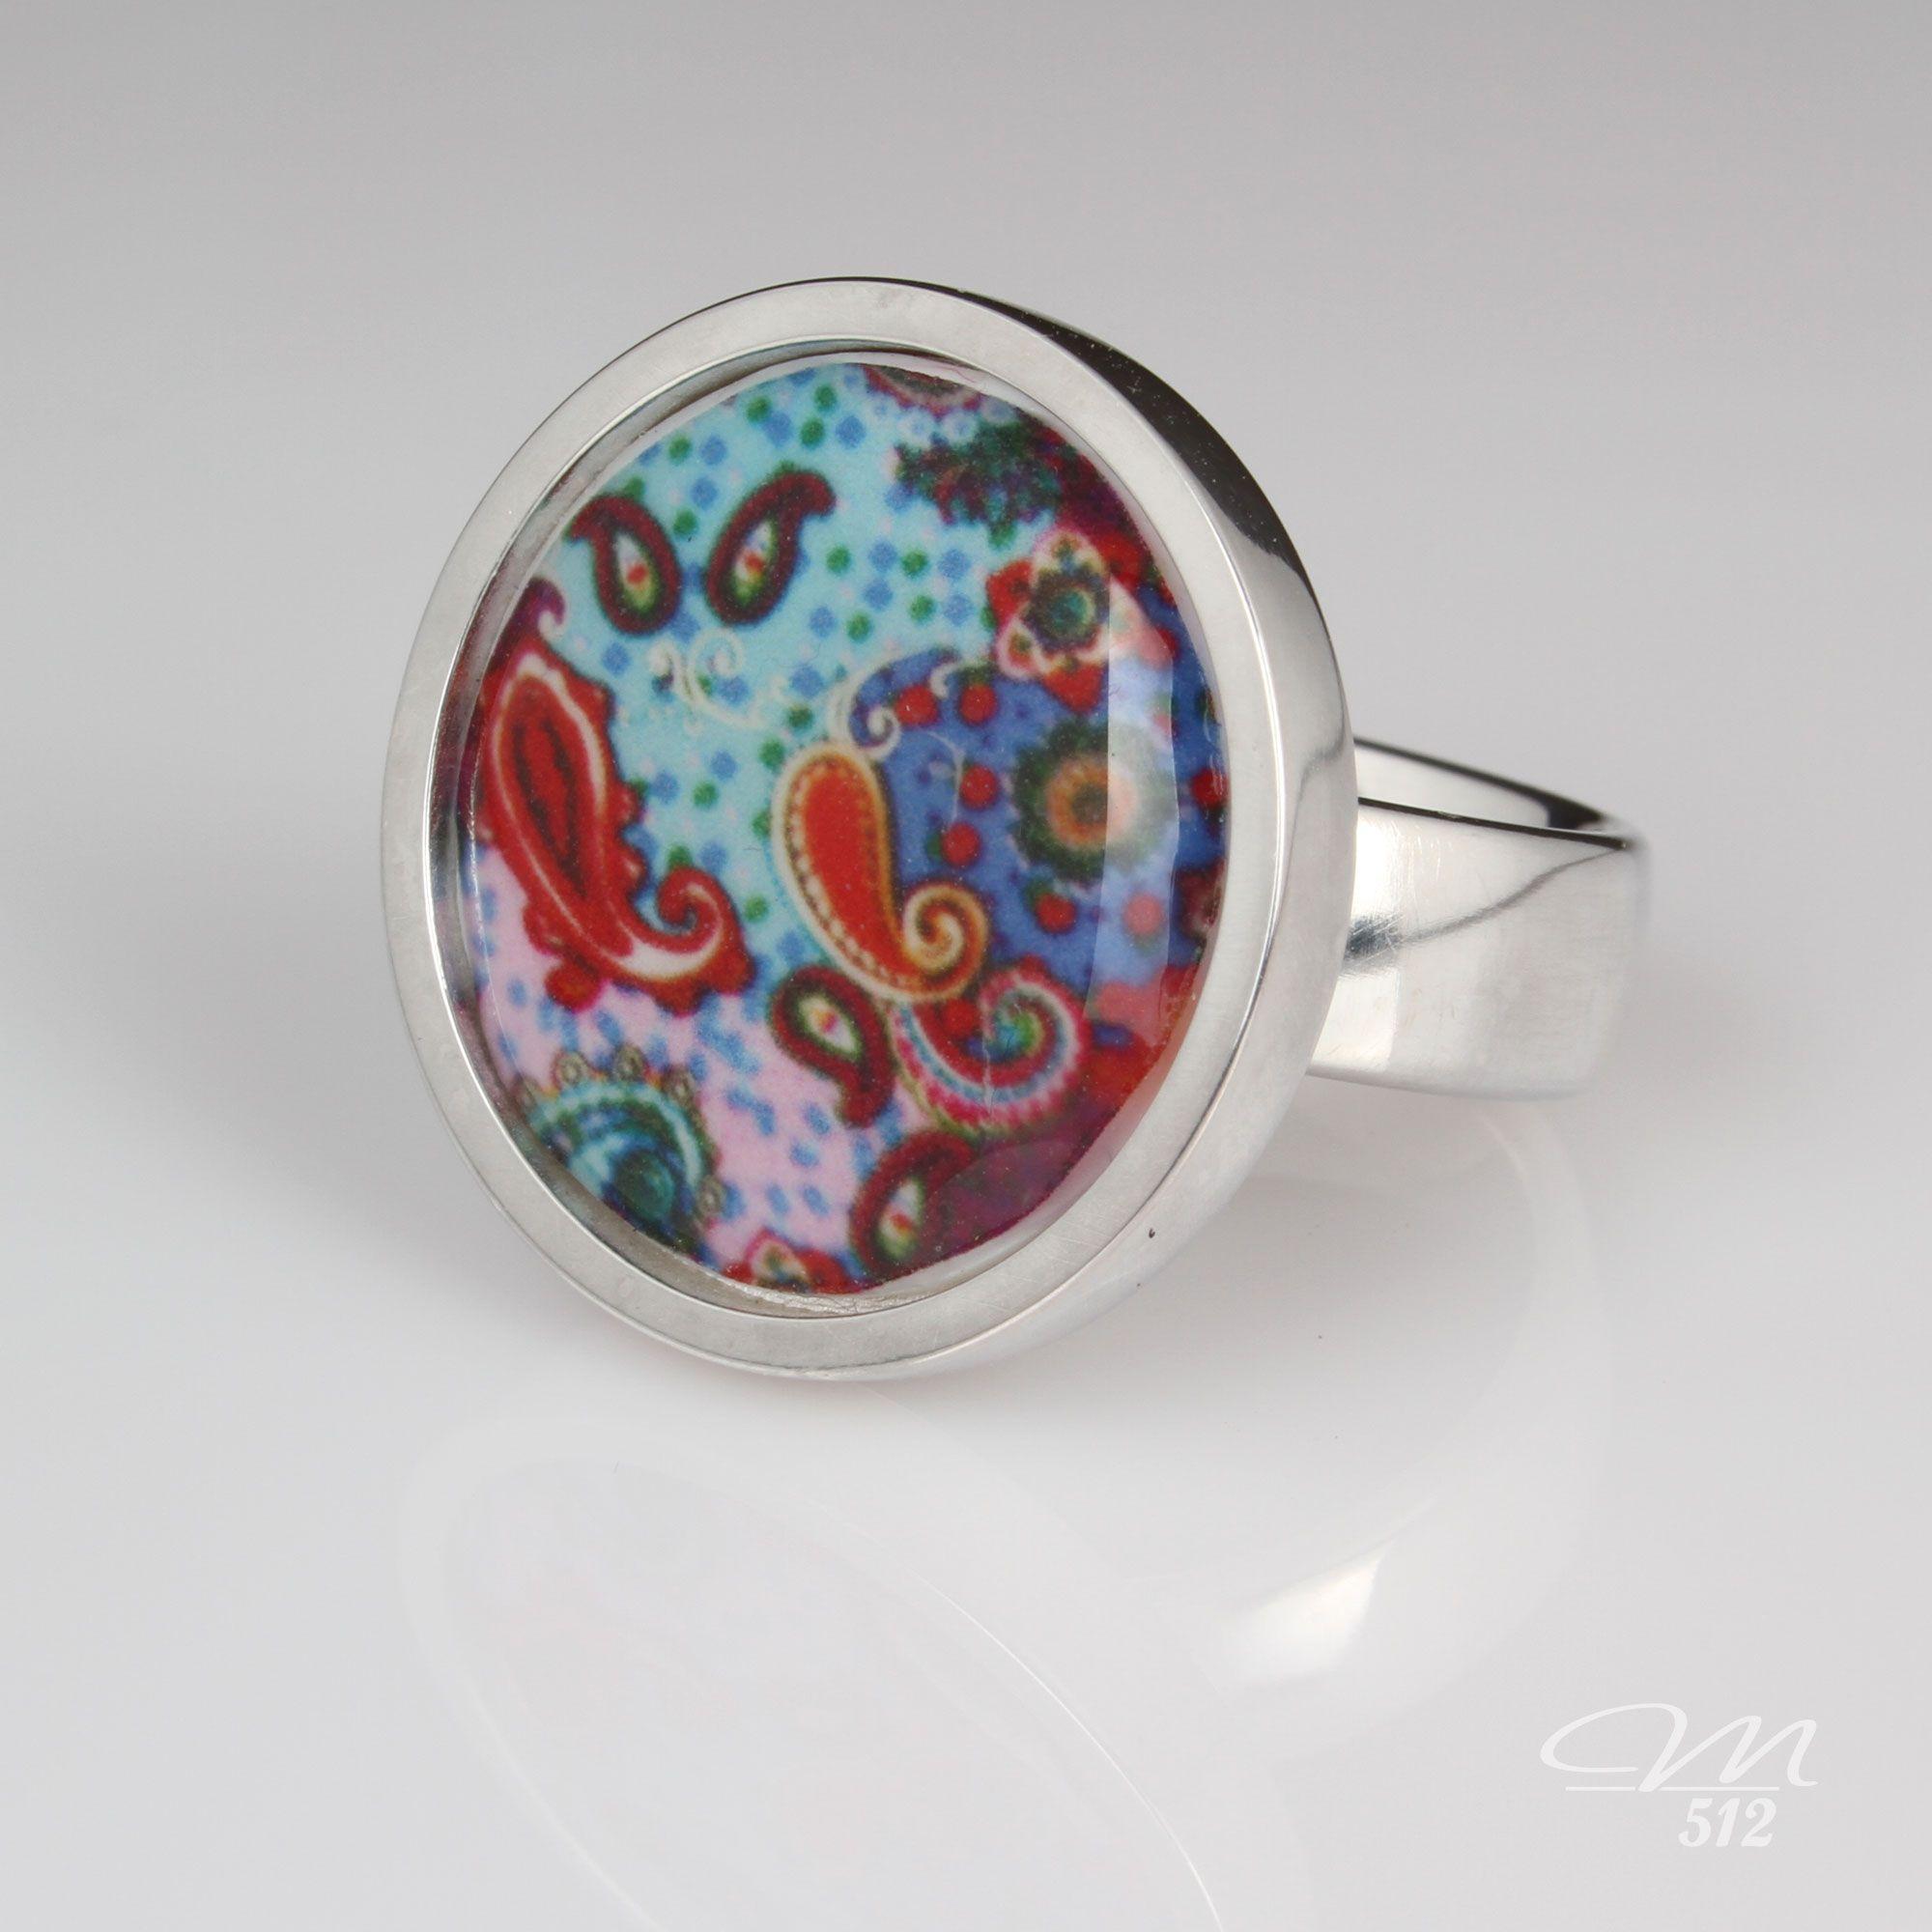 Ring Underwater Paisley - Manufaktur 512 - Einzigartige #Accessoires in #Handarbeit. +++ #Ring #fashion #handmade #manufaktur